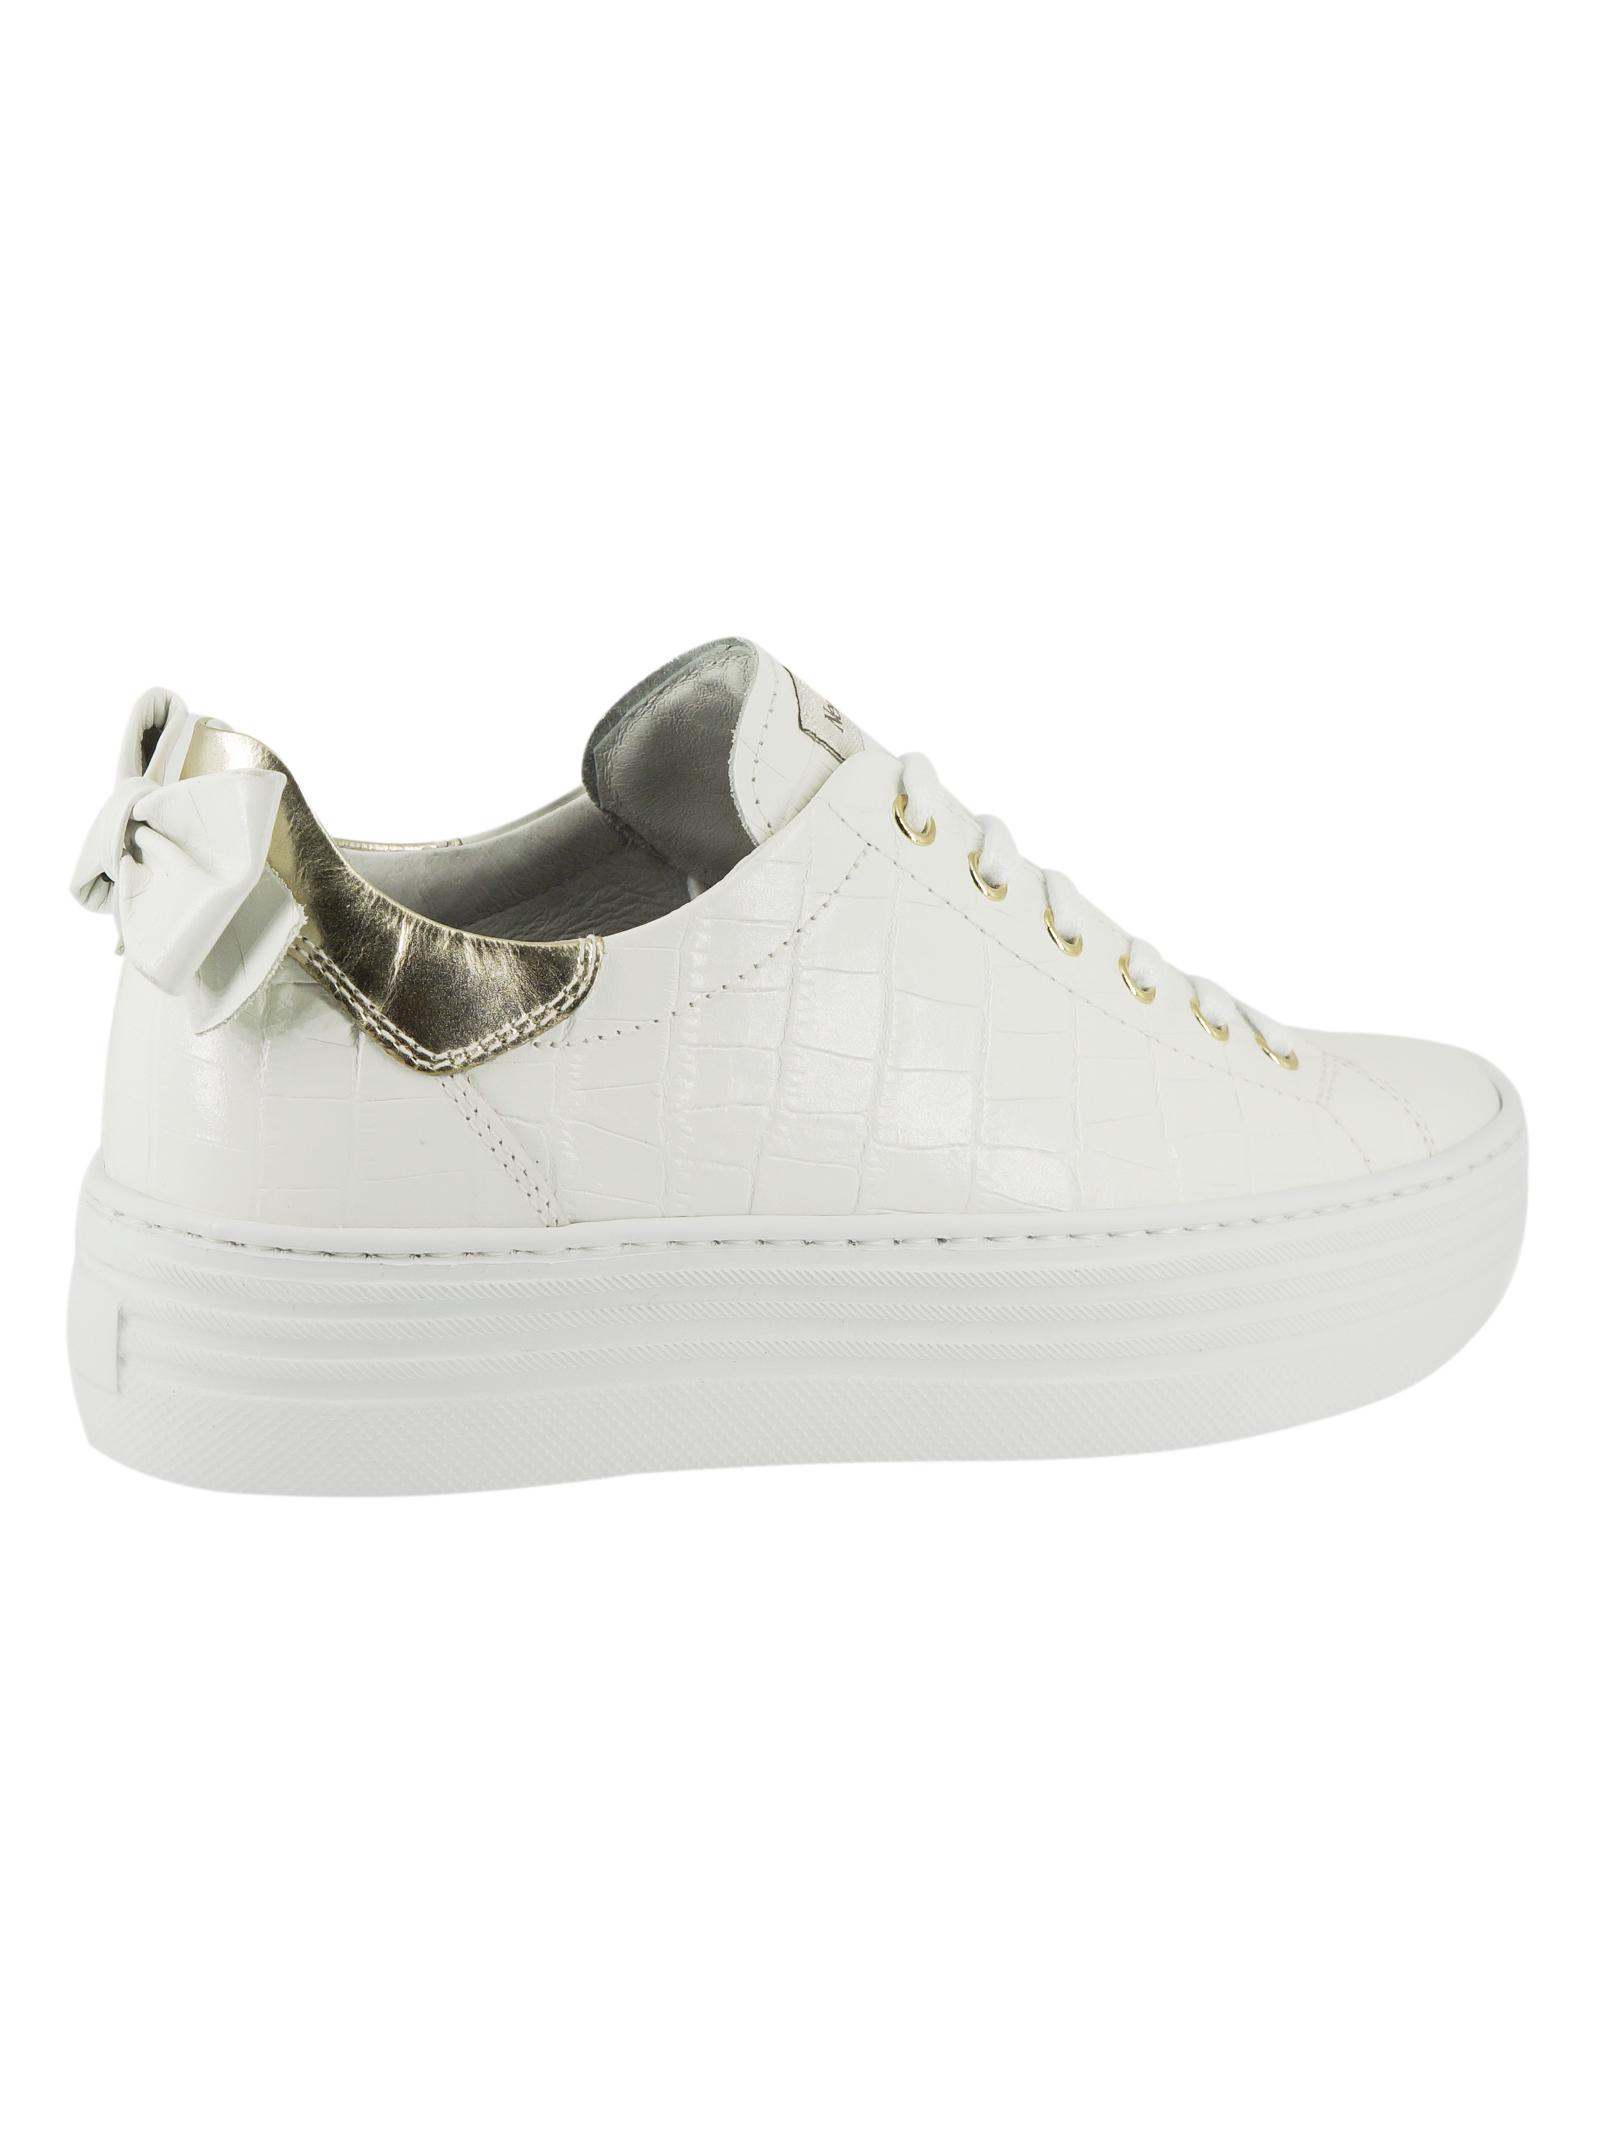 Sneakers Donna in Pelle Nero Giardini Nero Giardini   Sneakers   E115290DBIANCO707